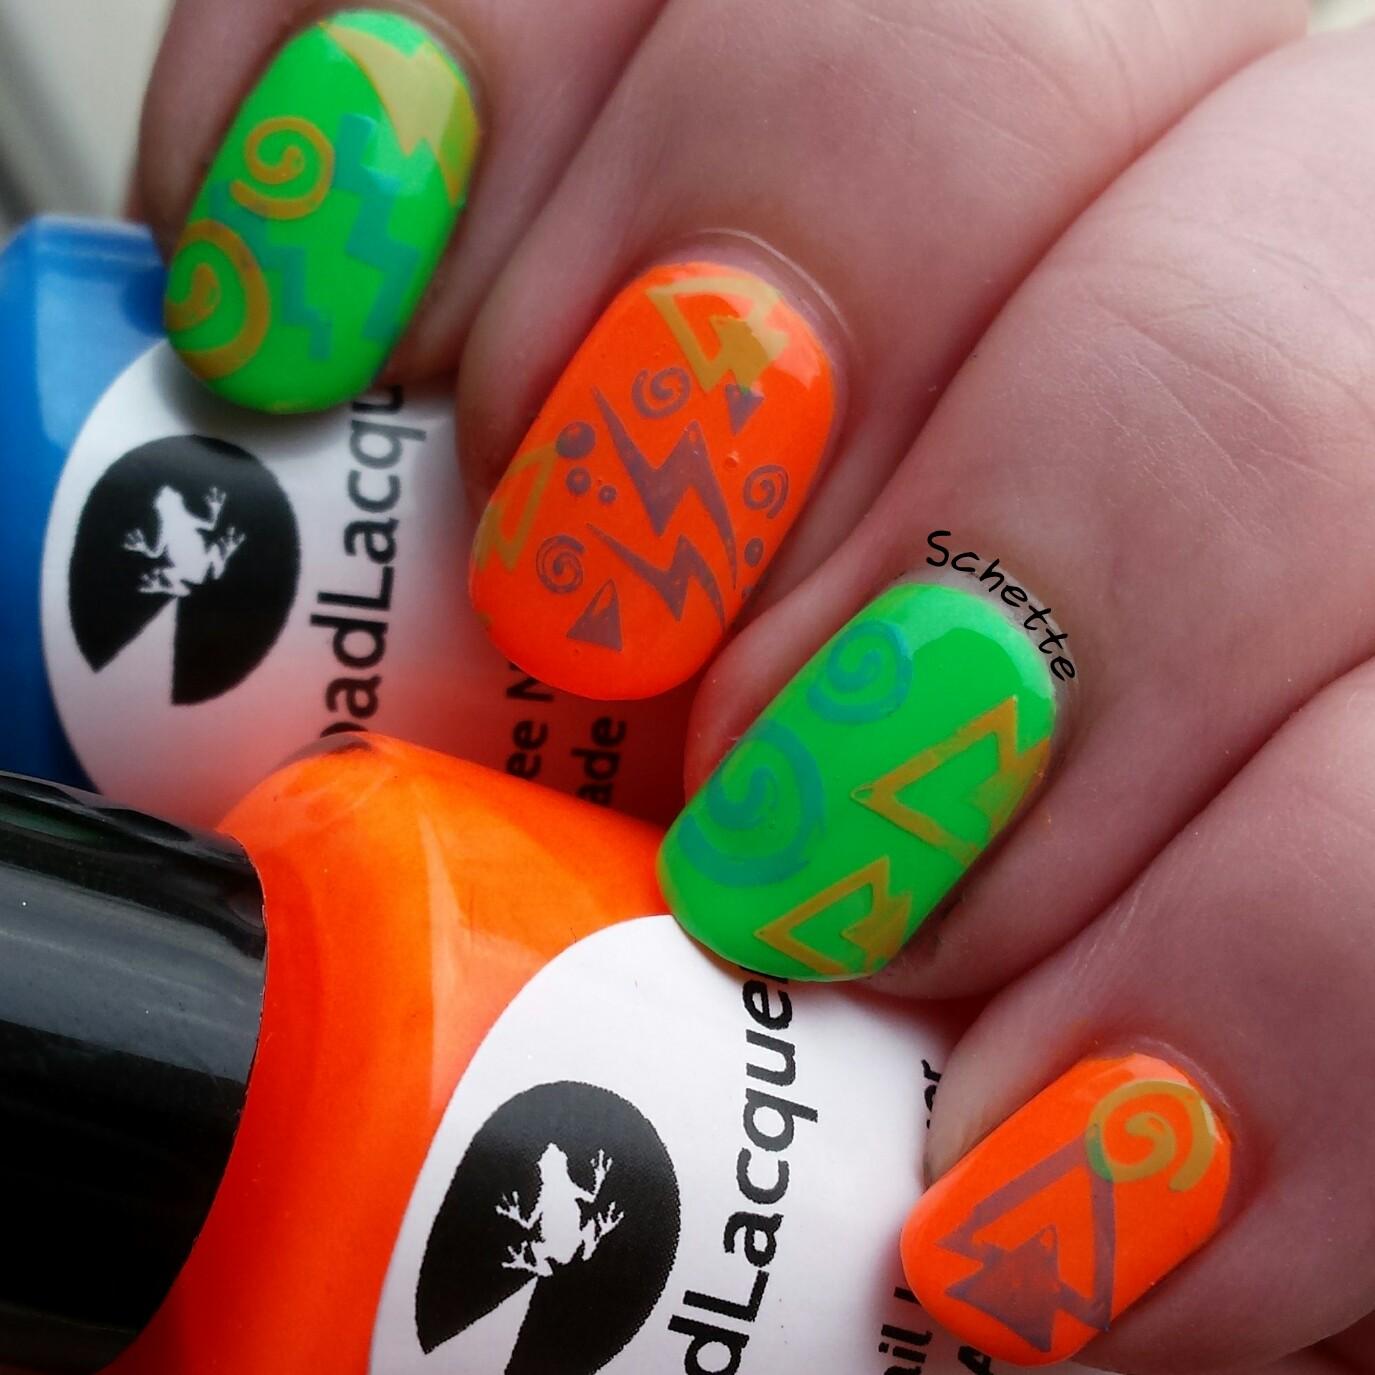 Stamping Master 3 : Neon